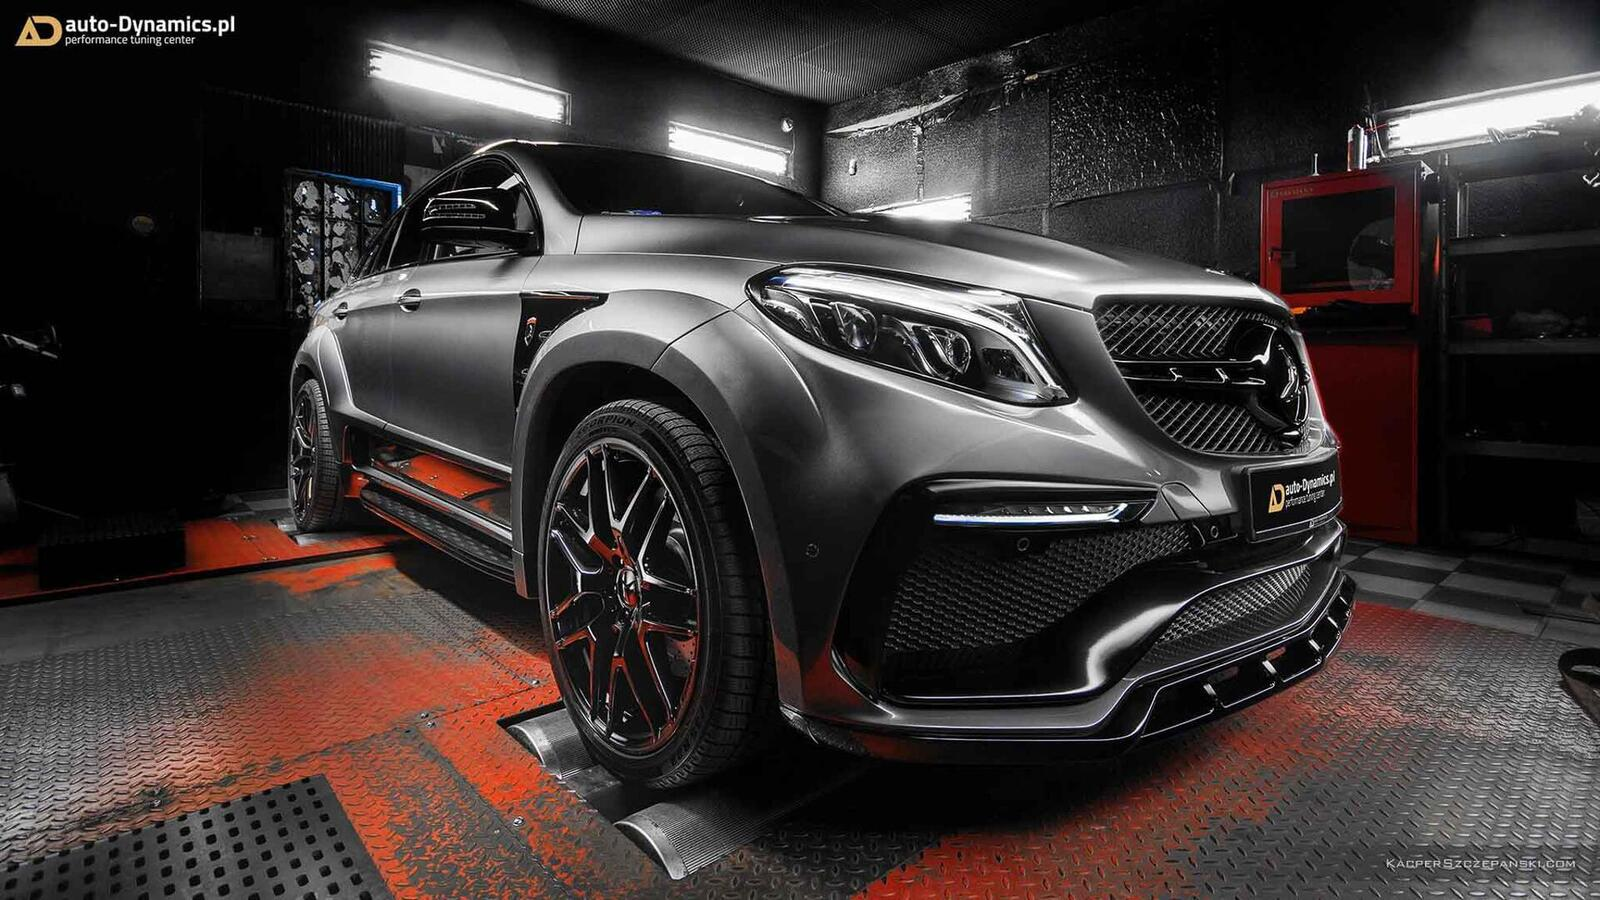 Mercedes-AMG GLE 63 S Coupe độ công suất lên 795 mã lực; tăng tốc 0-100 km/h trong 3,25 giây - Hình 11